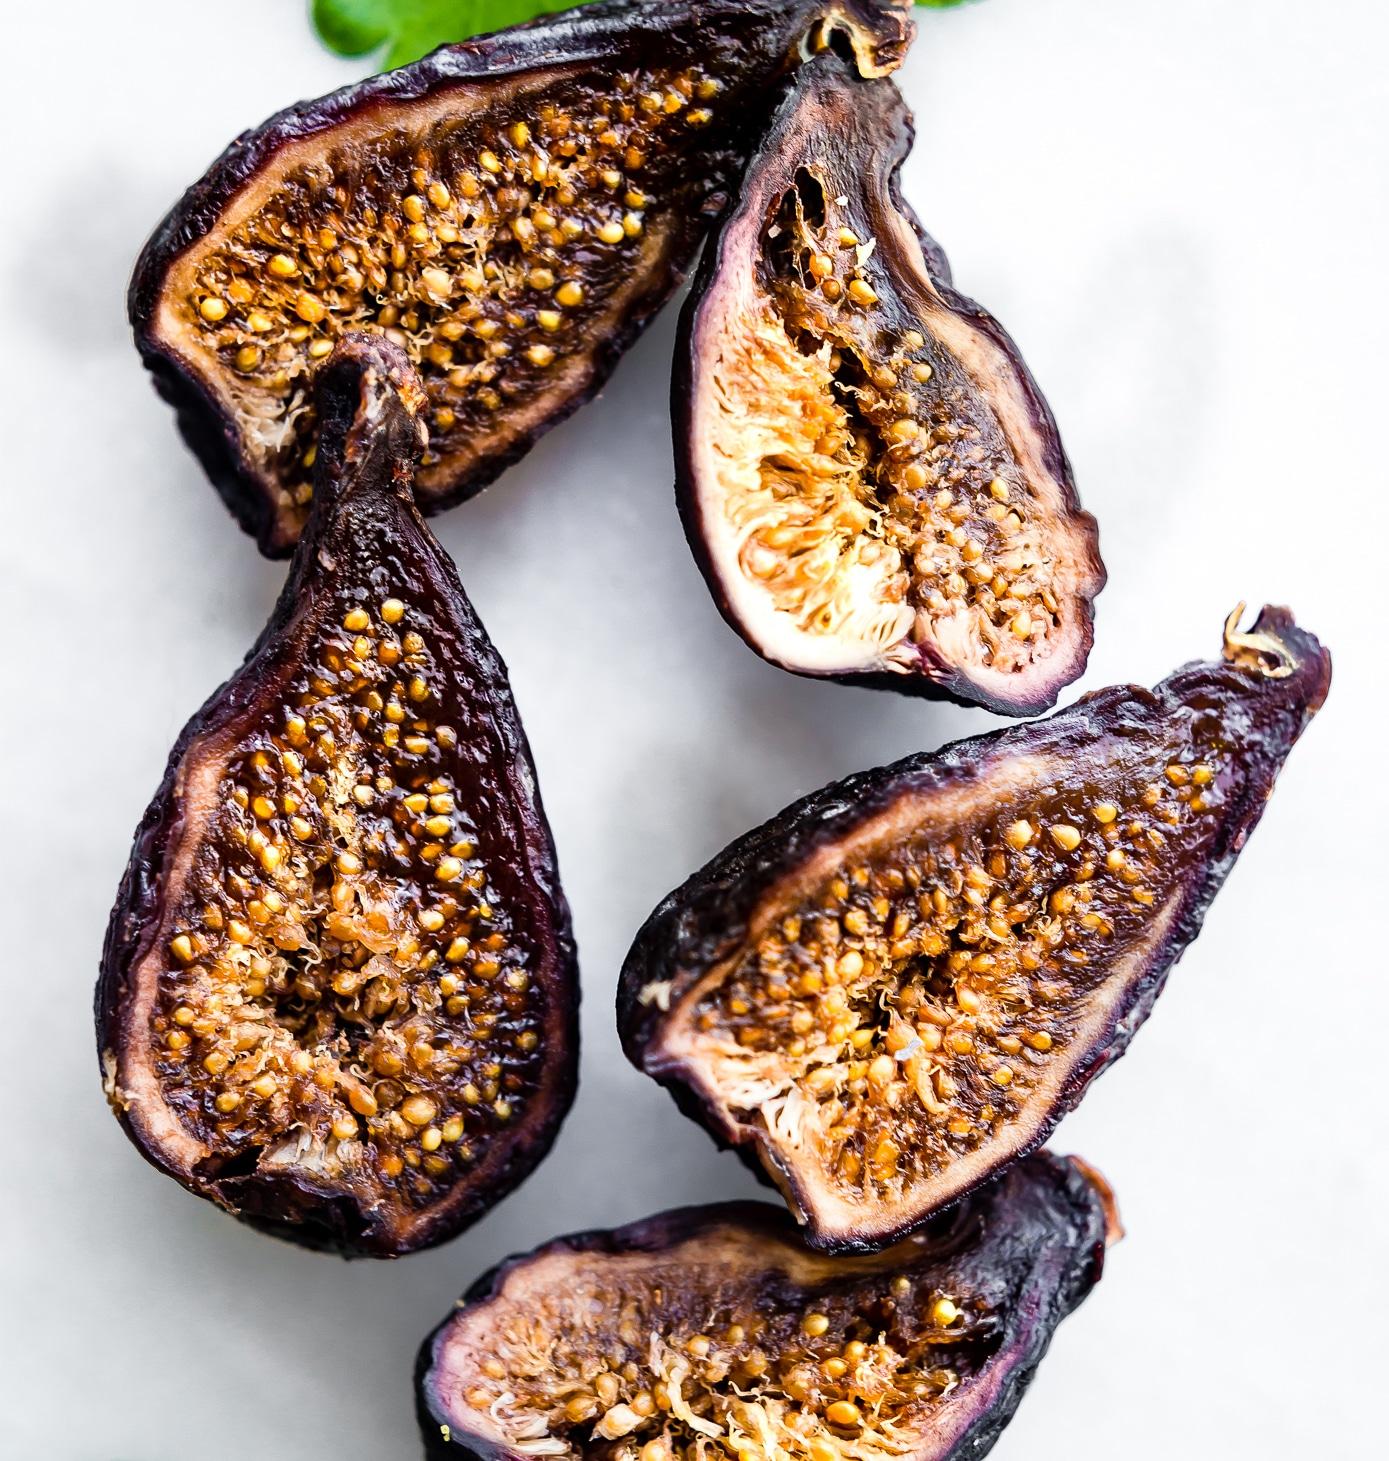 California Mission Figs